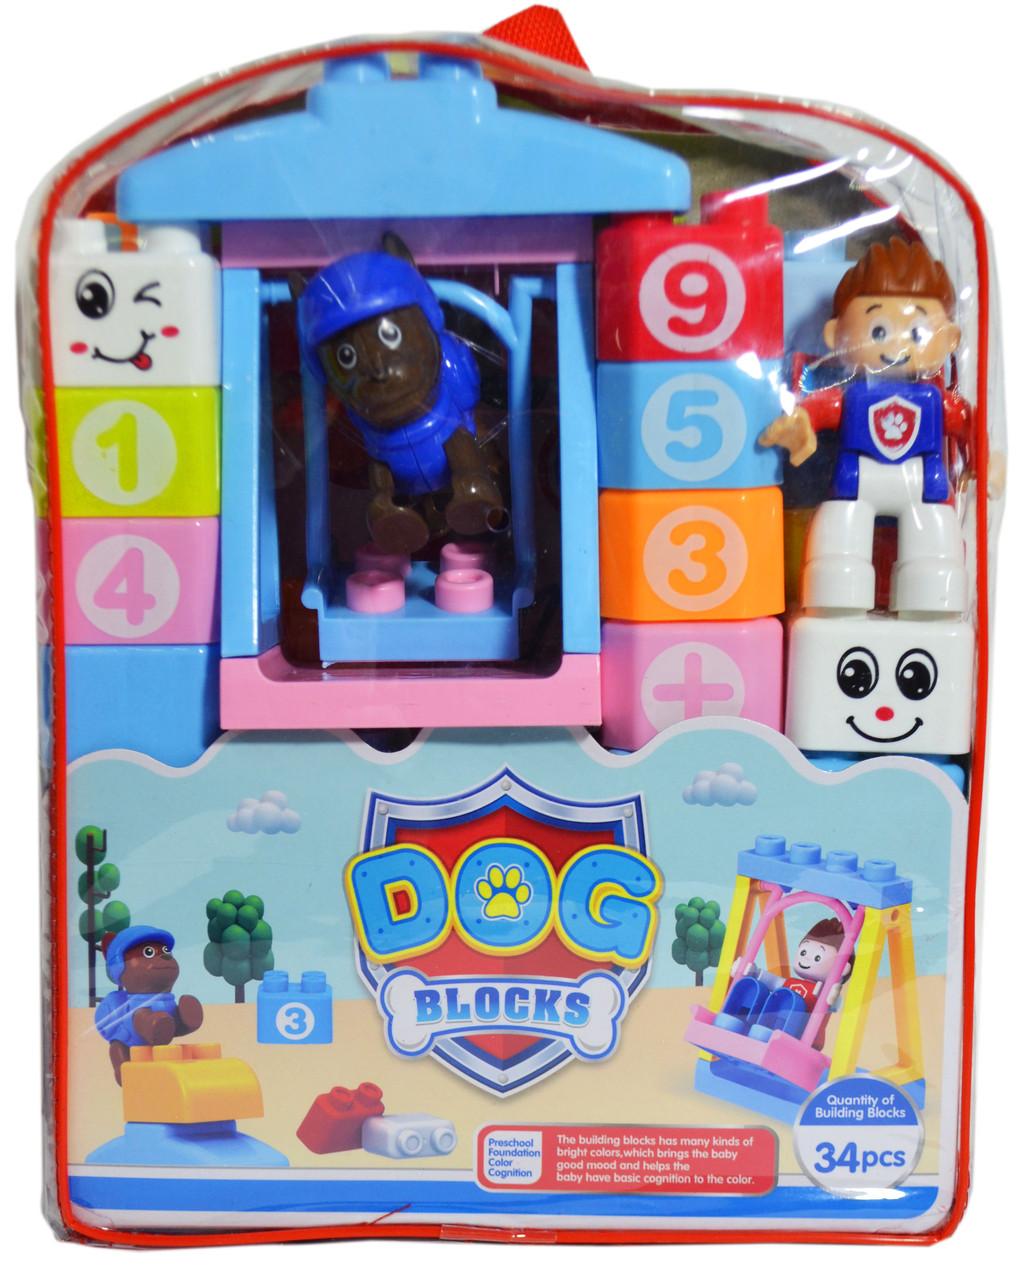 818-21 Конструктор блок Dog blocks щенячий патруль 36 дет 26*20см